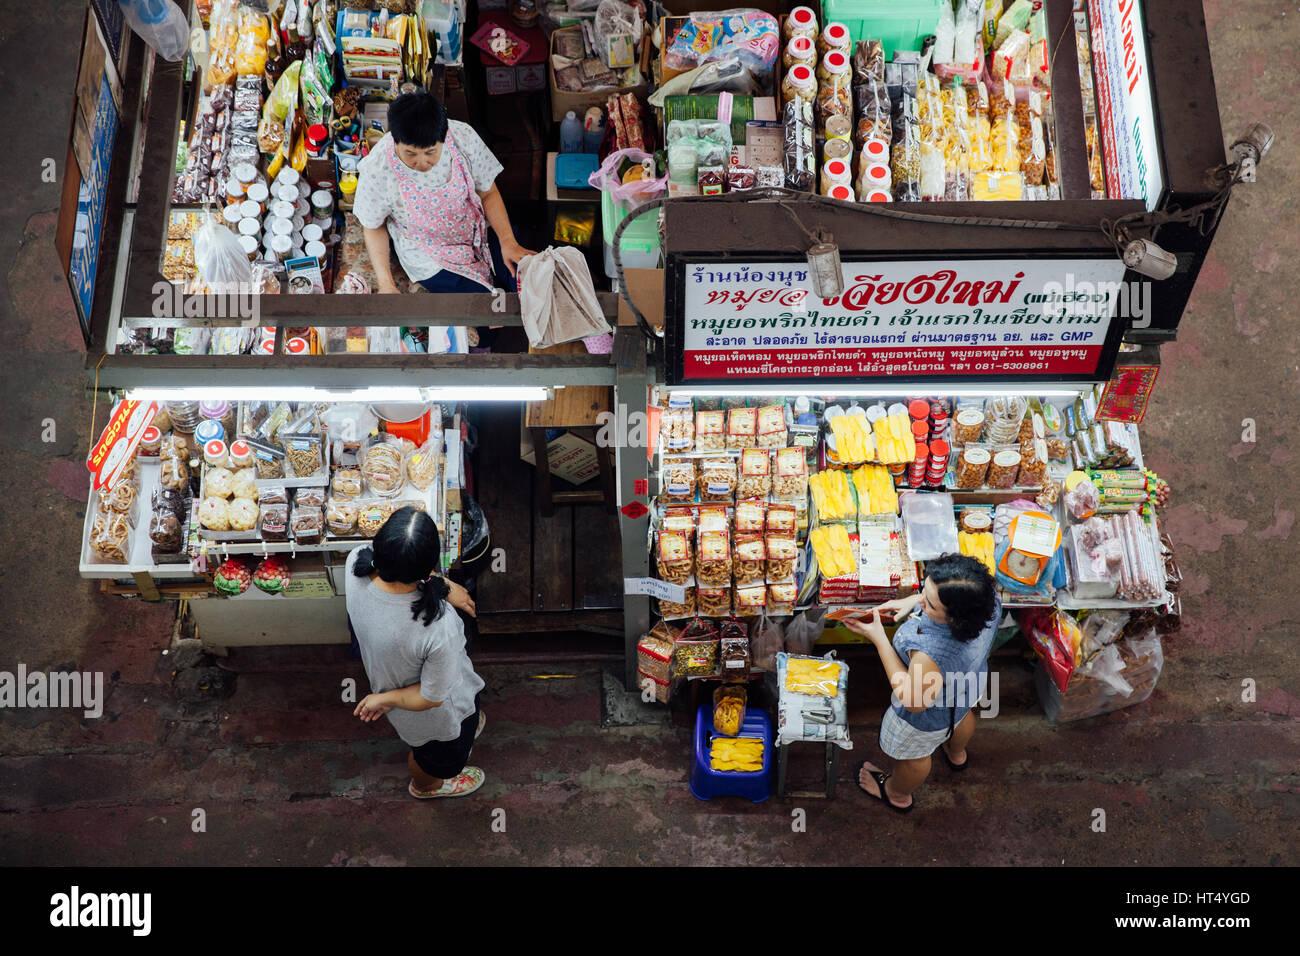 Chiang Mai, Thailand - 27. August 2016: Die Gruppe der Anbieter warten Kunden an den Warorot Markt am 27. August Stockfoto